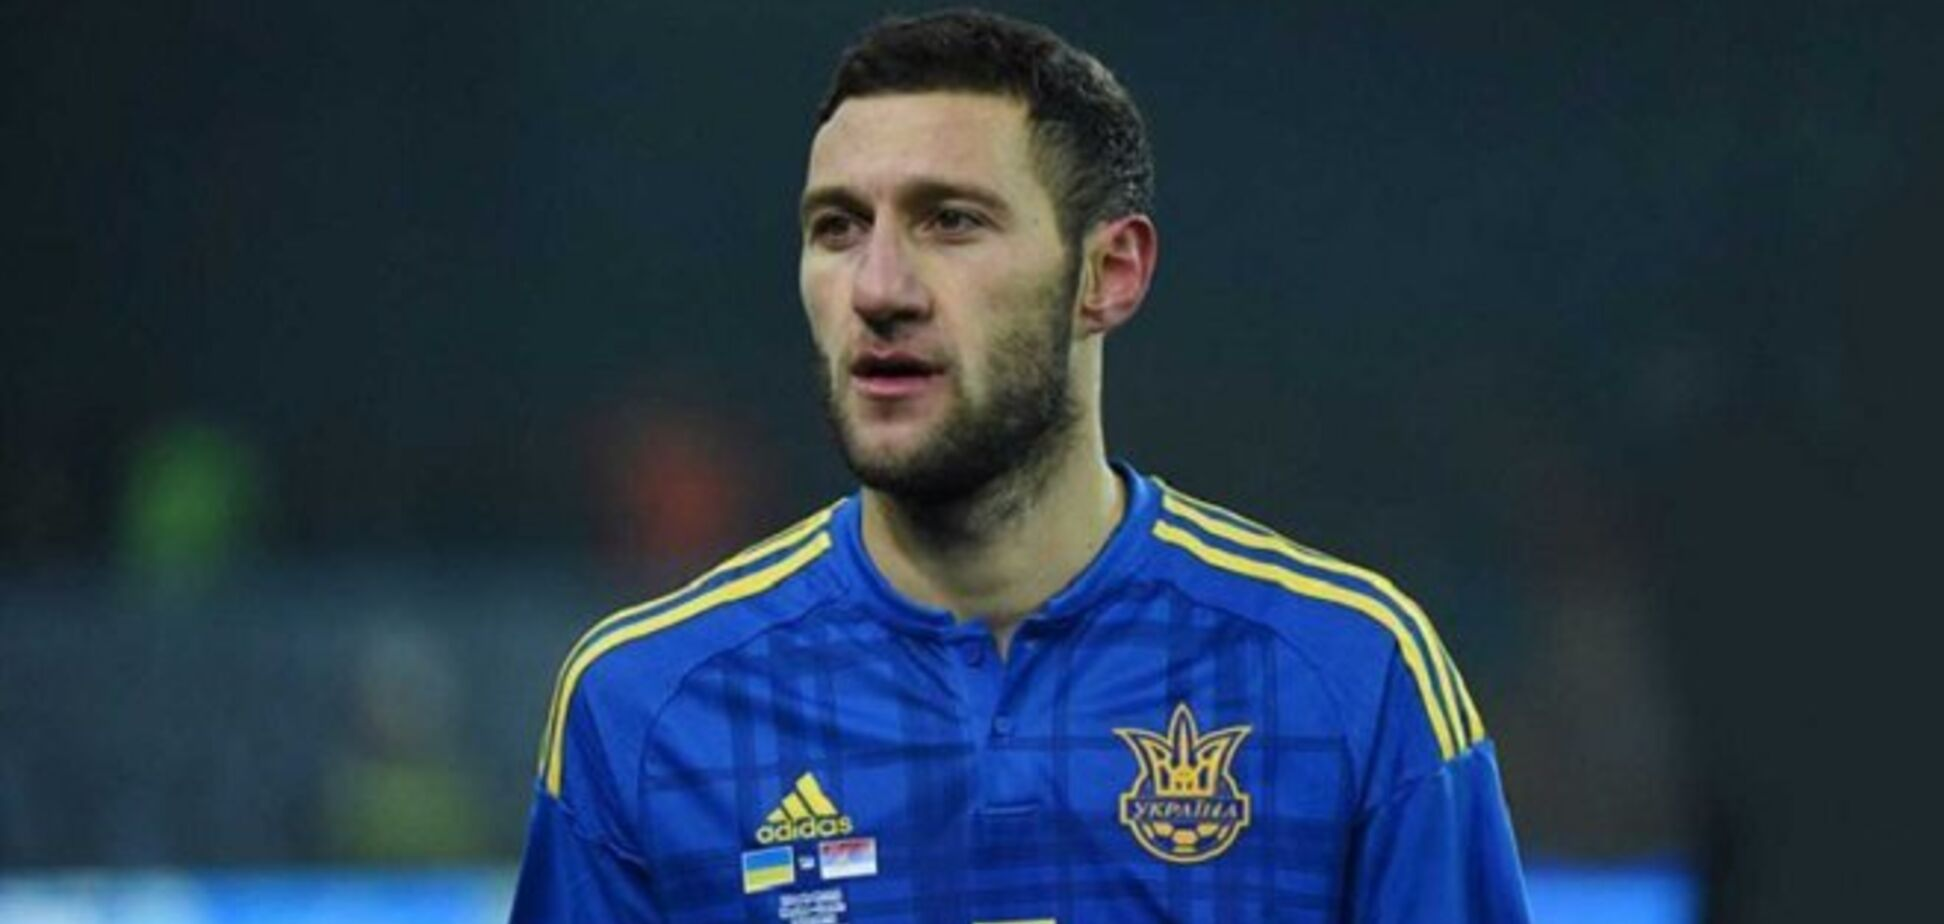 'Не считаю правильным': футболист сборной Украины нелепо оправдался за переход в клуб из России